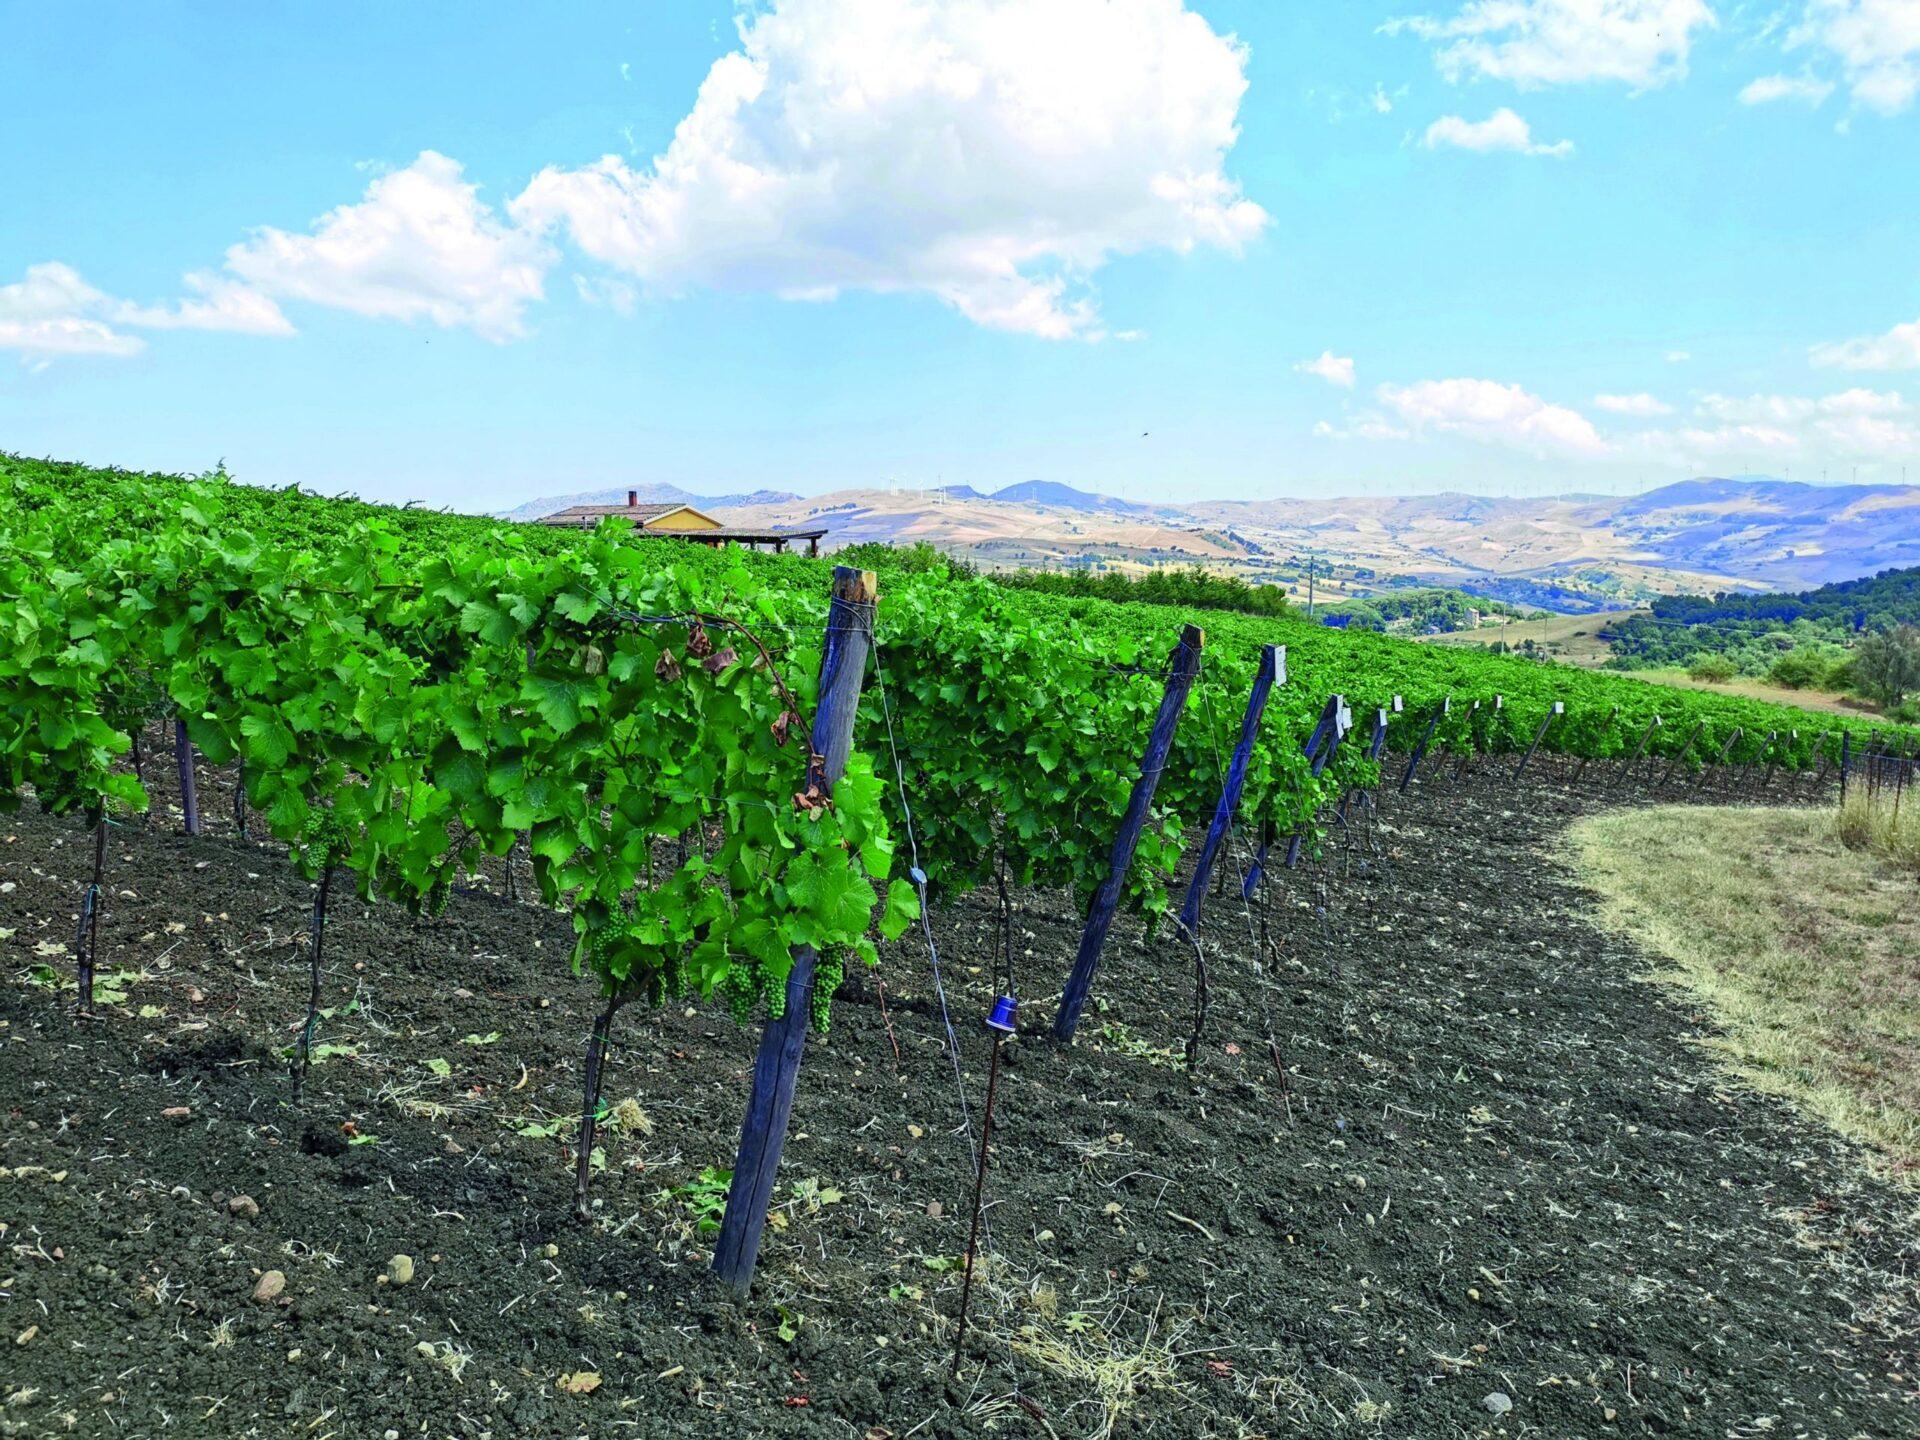 Migliori vini italiani: Tenuta San Giaime tra le 100 Eccellenze Italiane di Forbes